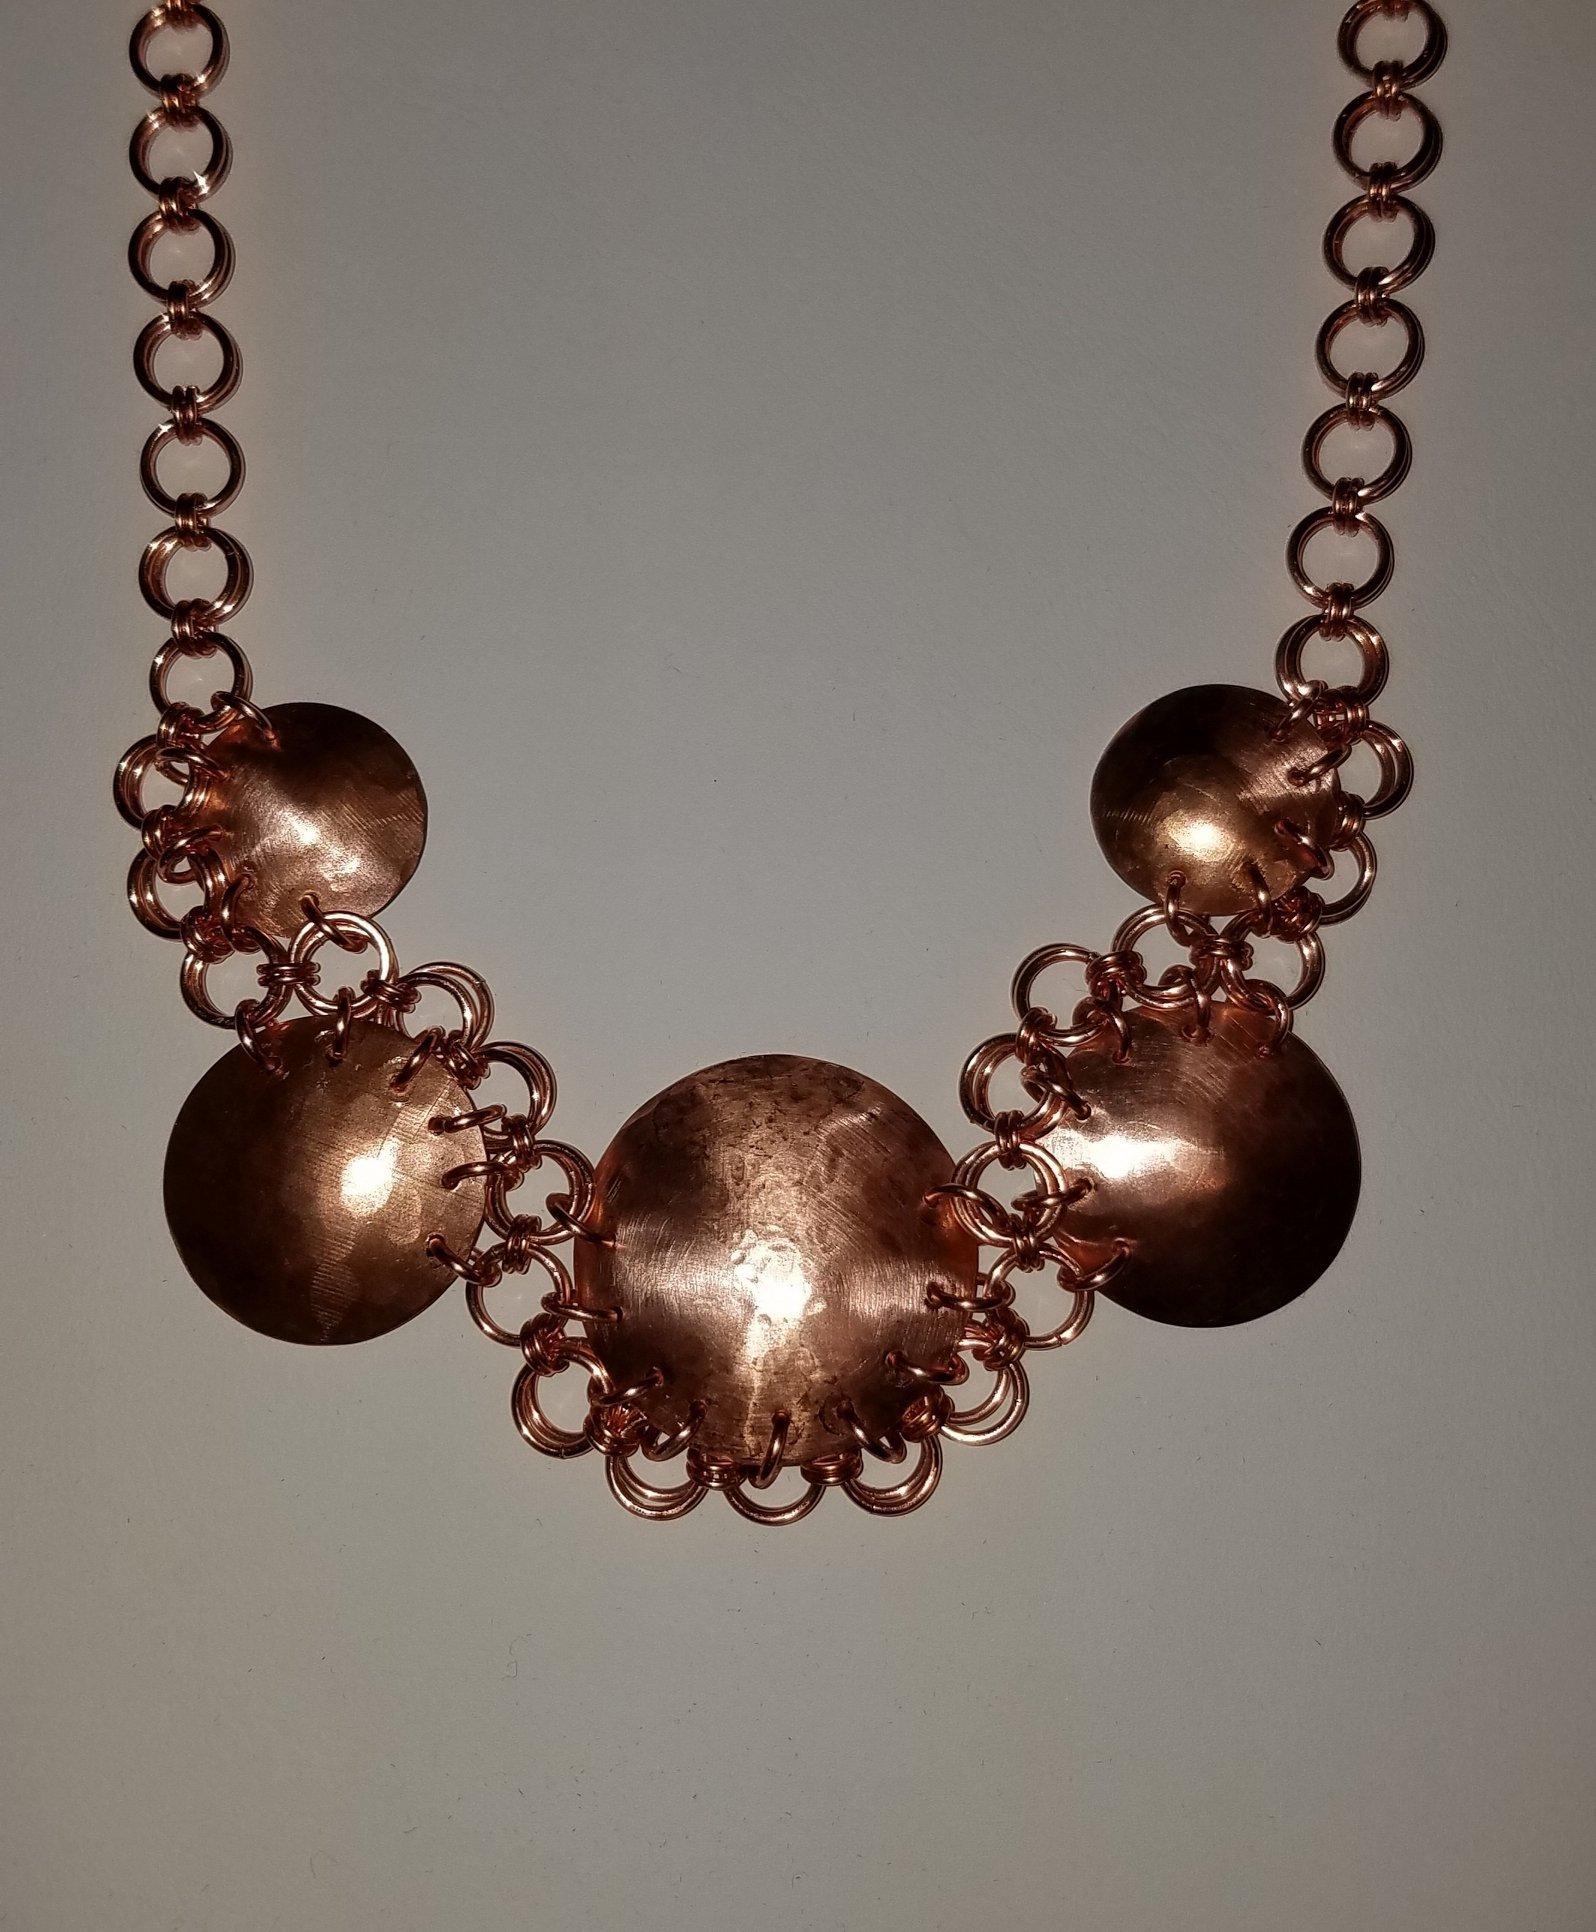 copper chain maille